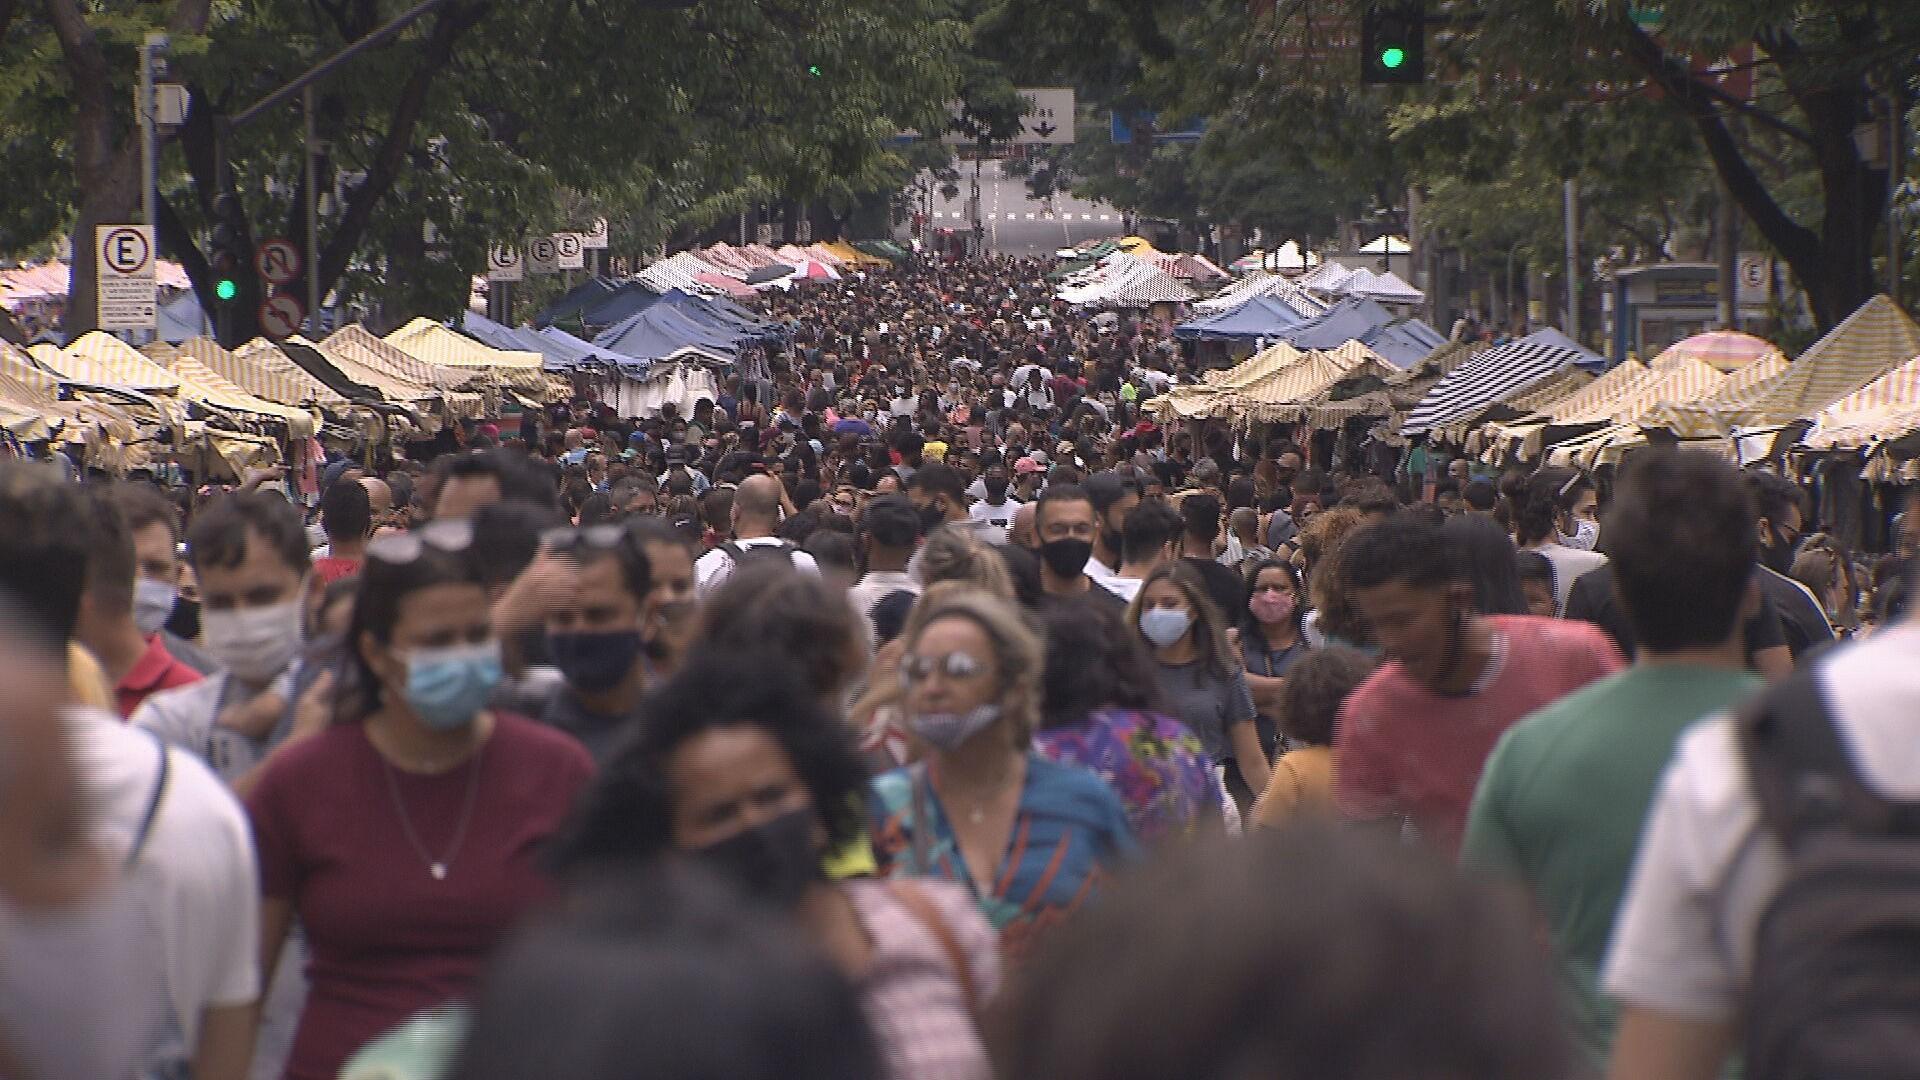 Prefeitura flagra descumprimento de protocolos contra a Covid-19 na Feira Hippie, em BH, e não descarta revisão de regras